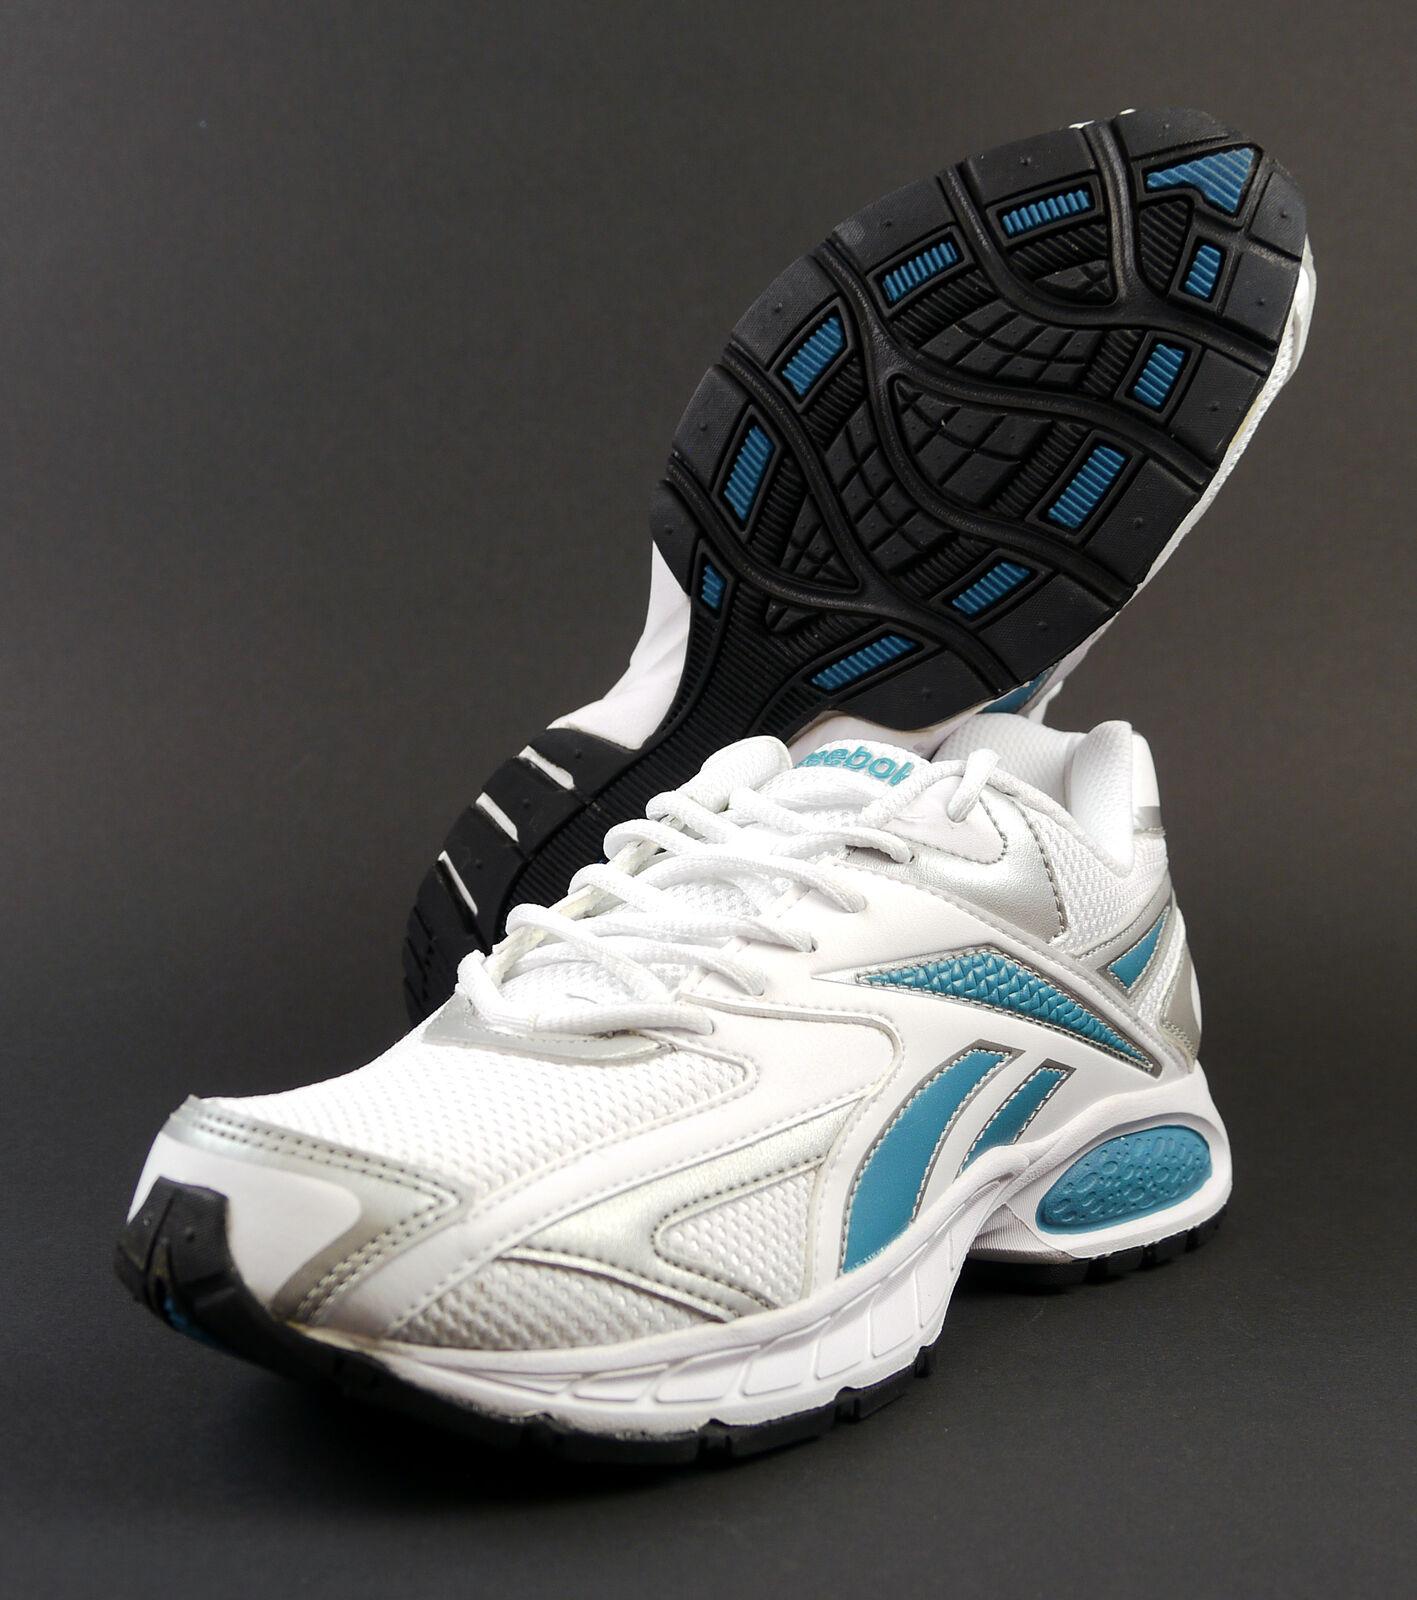 Reebok Trace J94127 Laufschuh Running Men Größe 40 1 2 - 45 1 2  NEU OVP  | Sehen Sie die Welt aus der Perspektive des Kindes